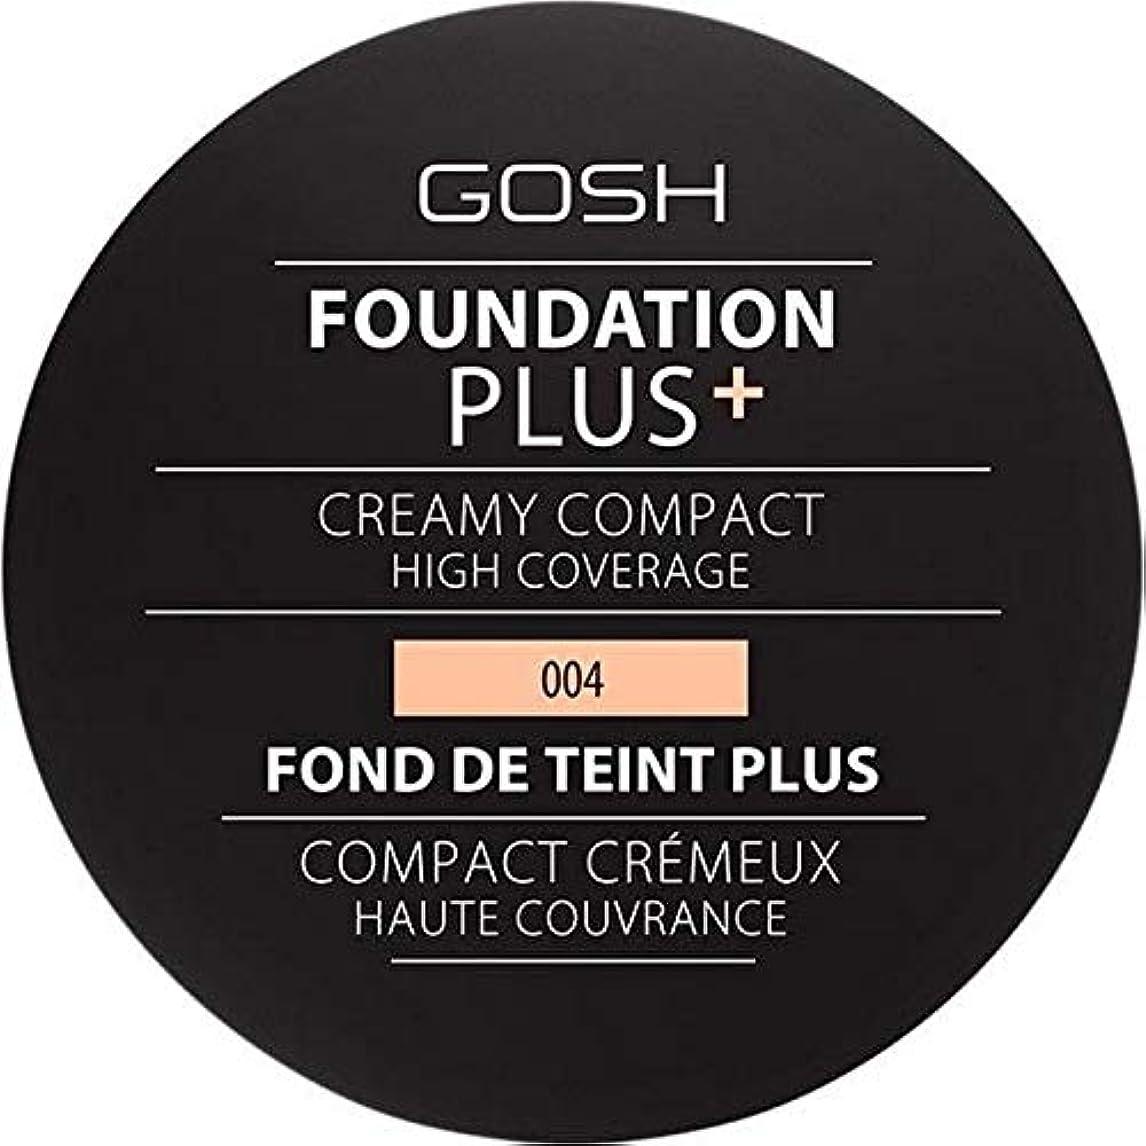 農民読書をするに賛成[GOSH ] 基礎プラス+クリーミーコンパクトな自然004 - Foundation Plus+ Creamy Compact Natural 004 [並行輸入品]